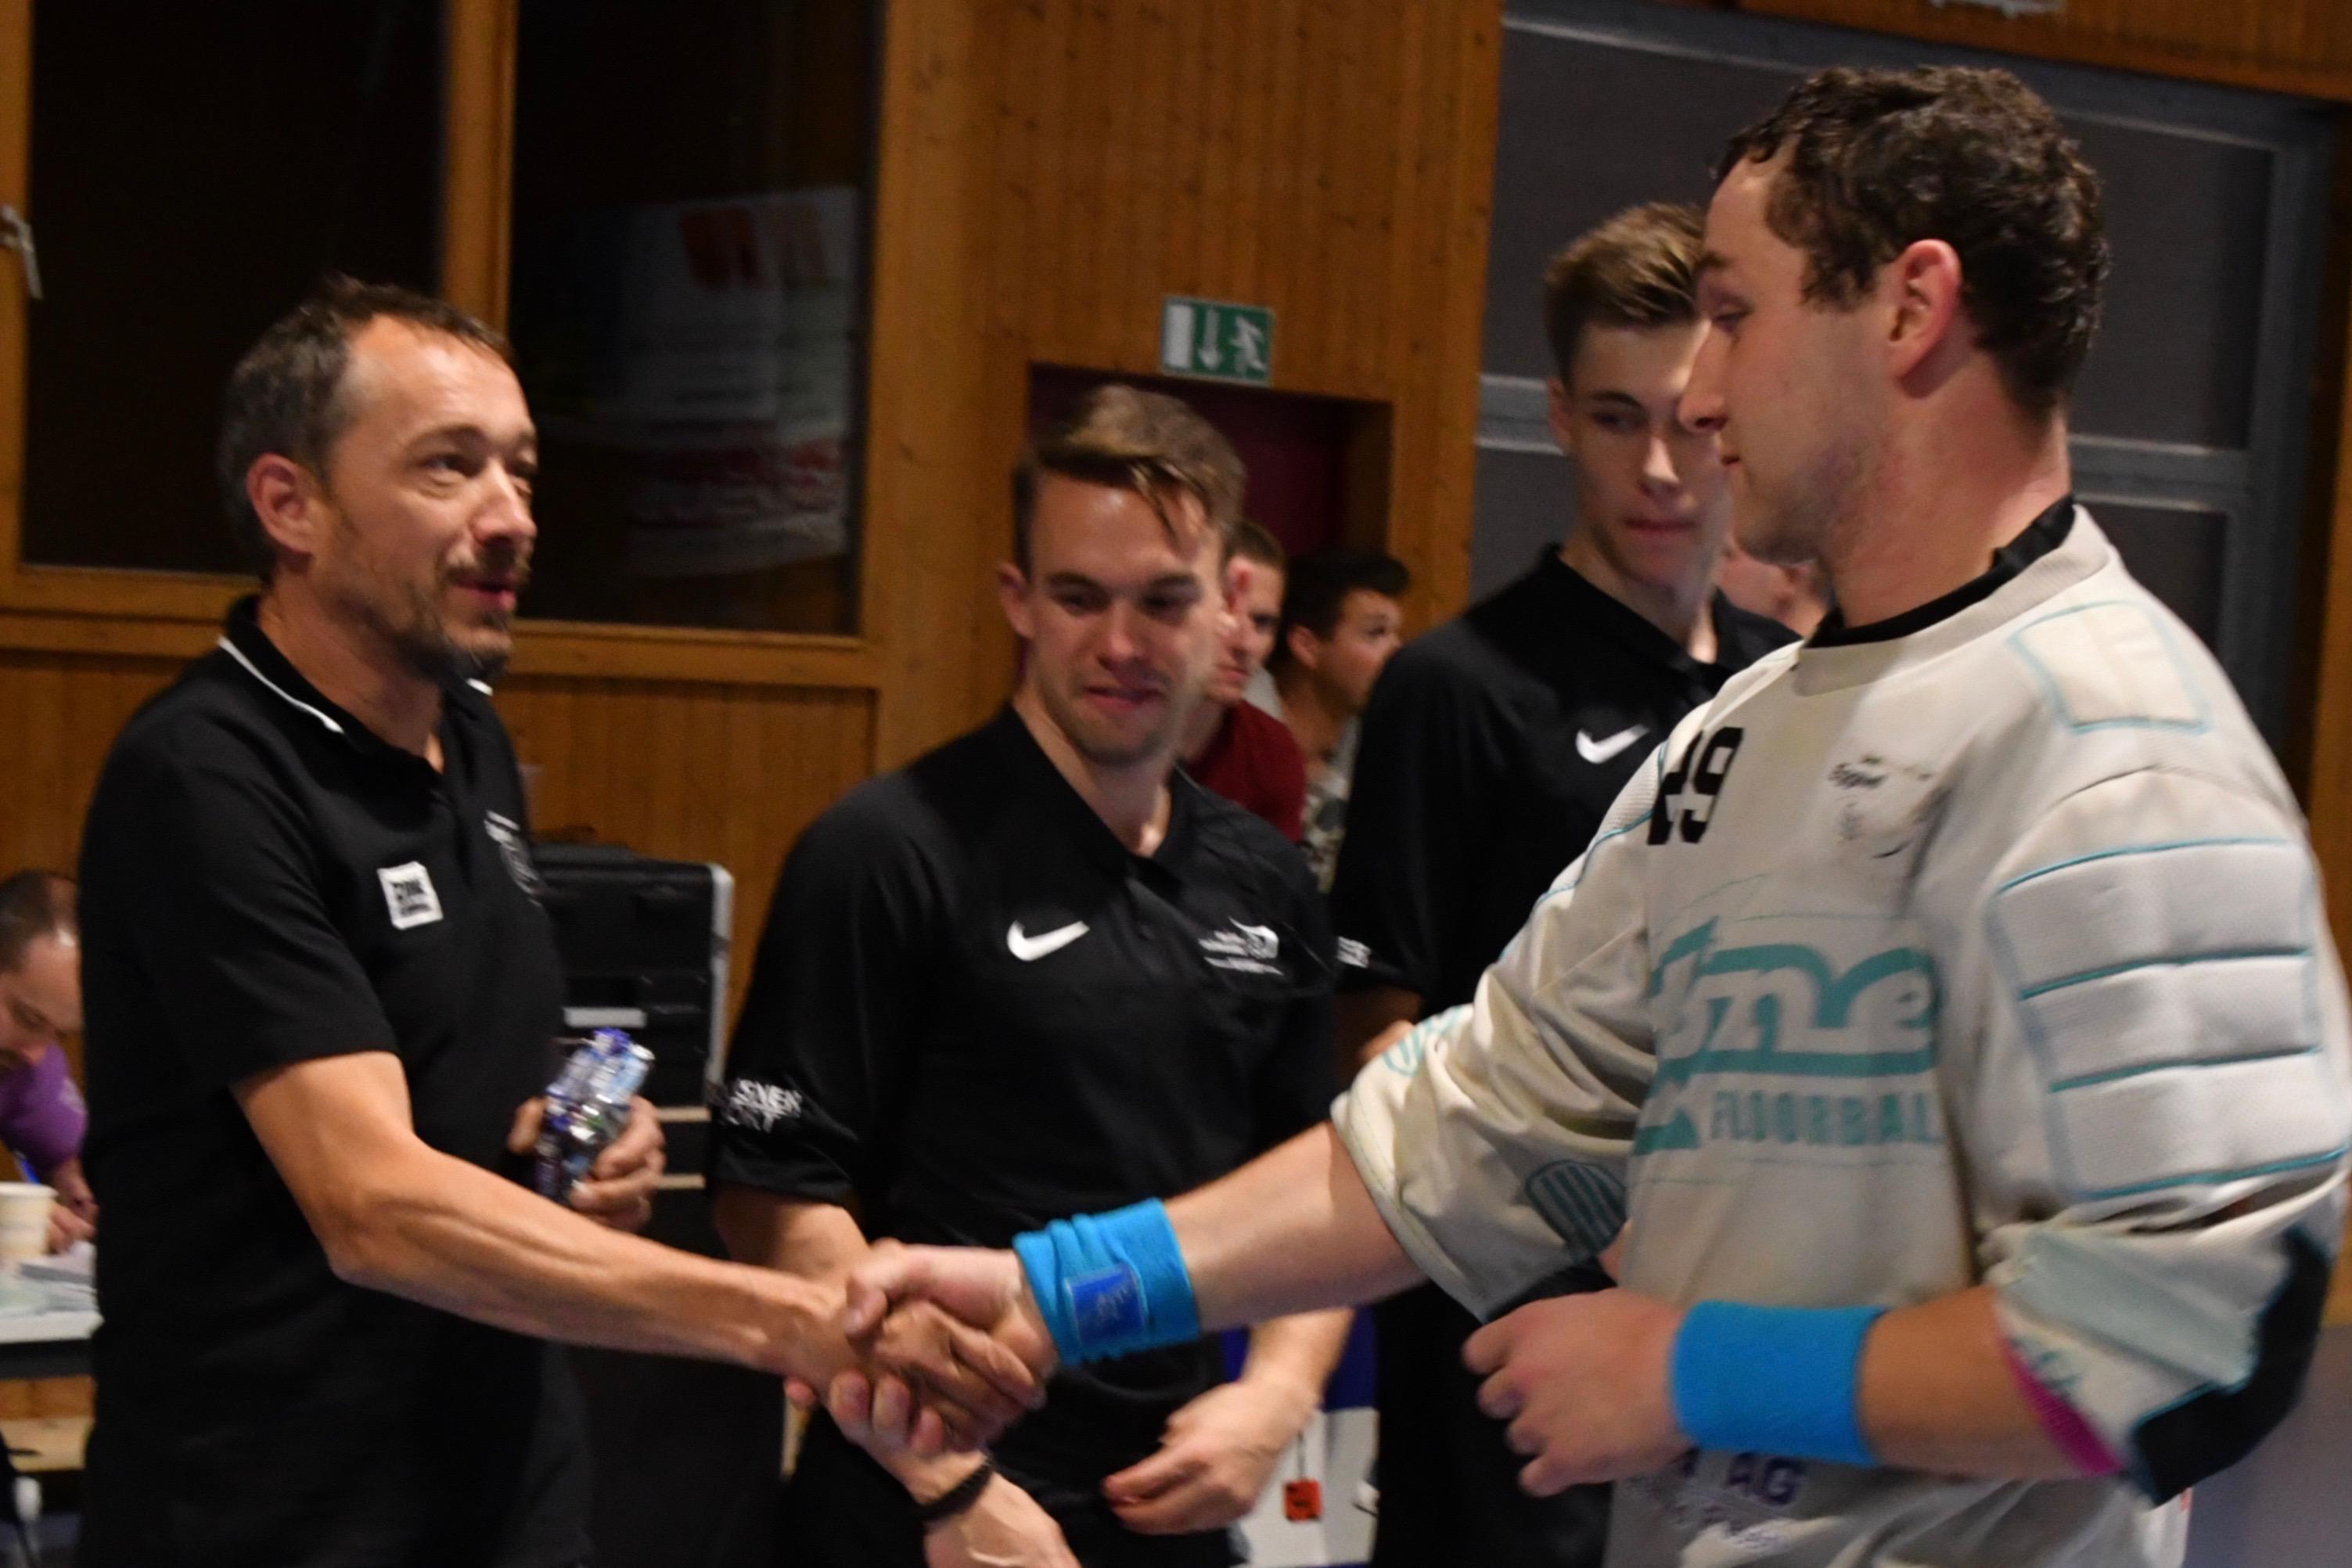 Herren II - Floorball Gruyères Avry Saison 2019/20